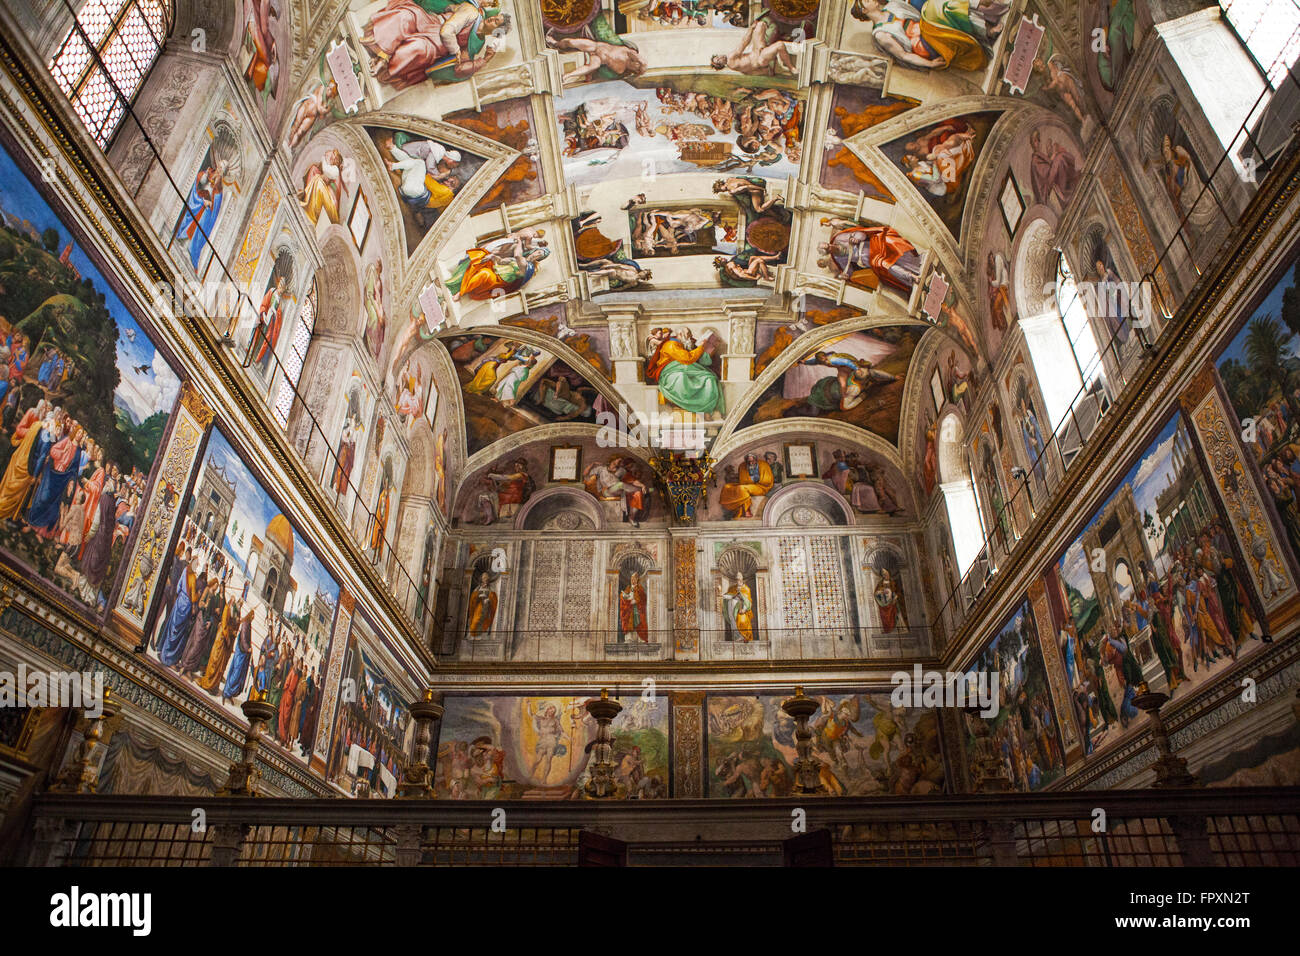 Cité du Vatican, Rome - Mars 02, 2016: l'intérieur et les détails architecturaux de la Photo Stock